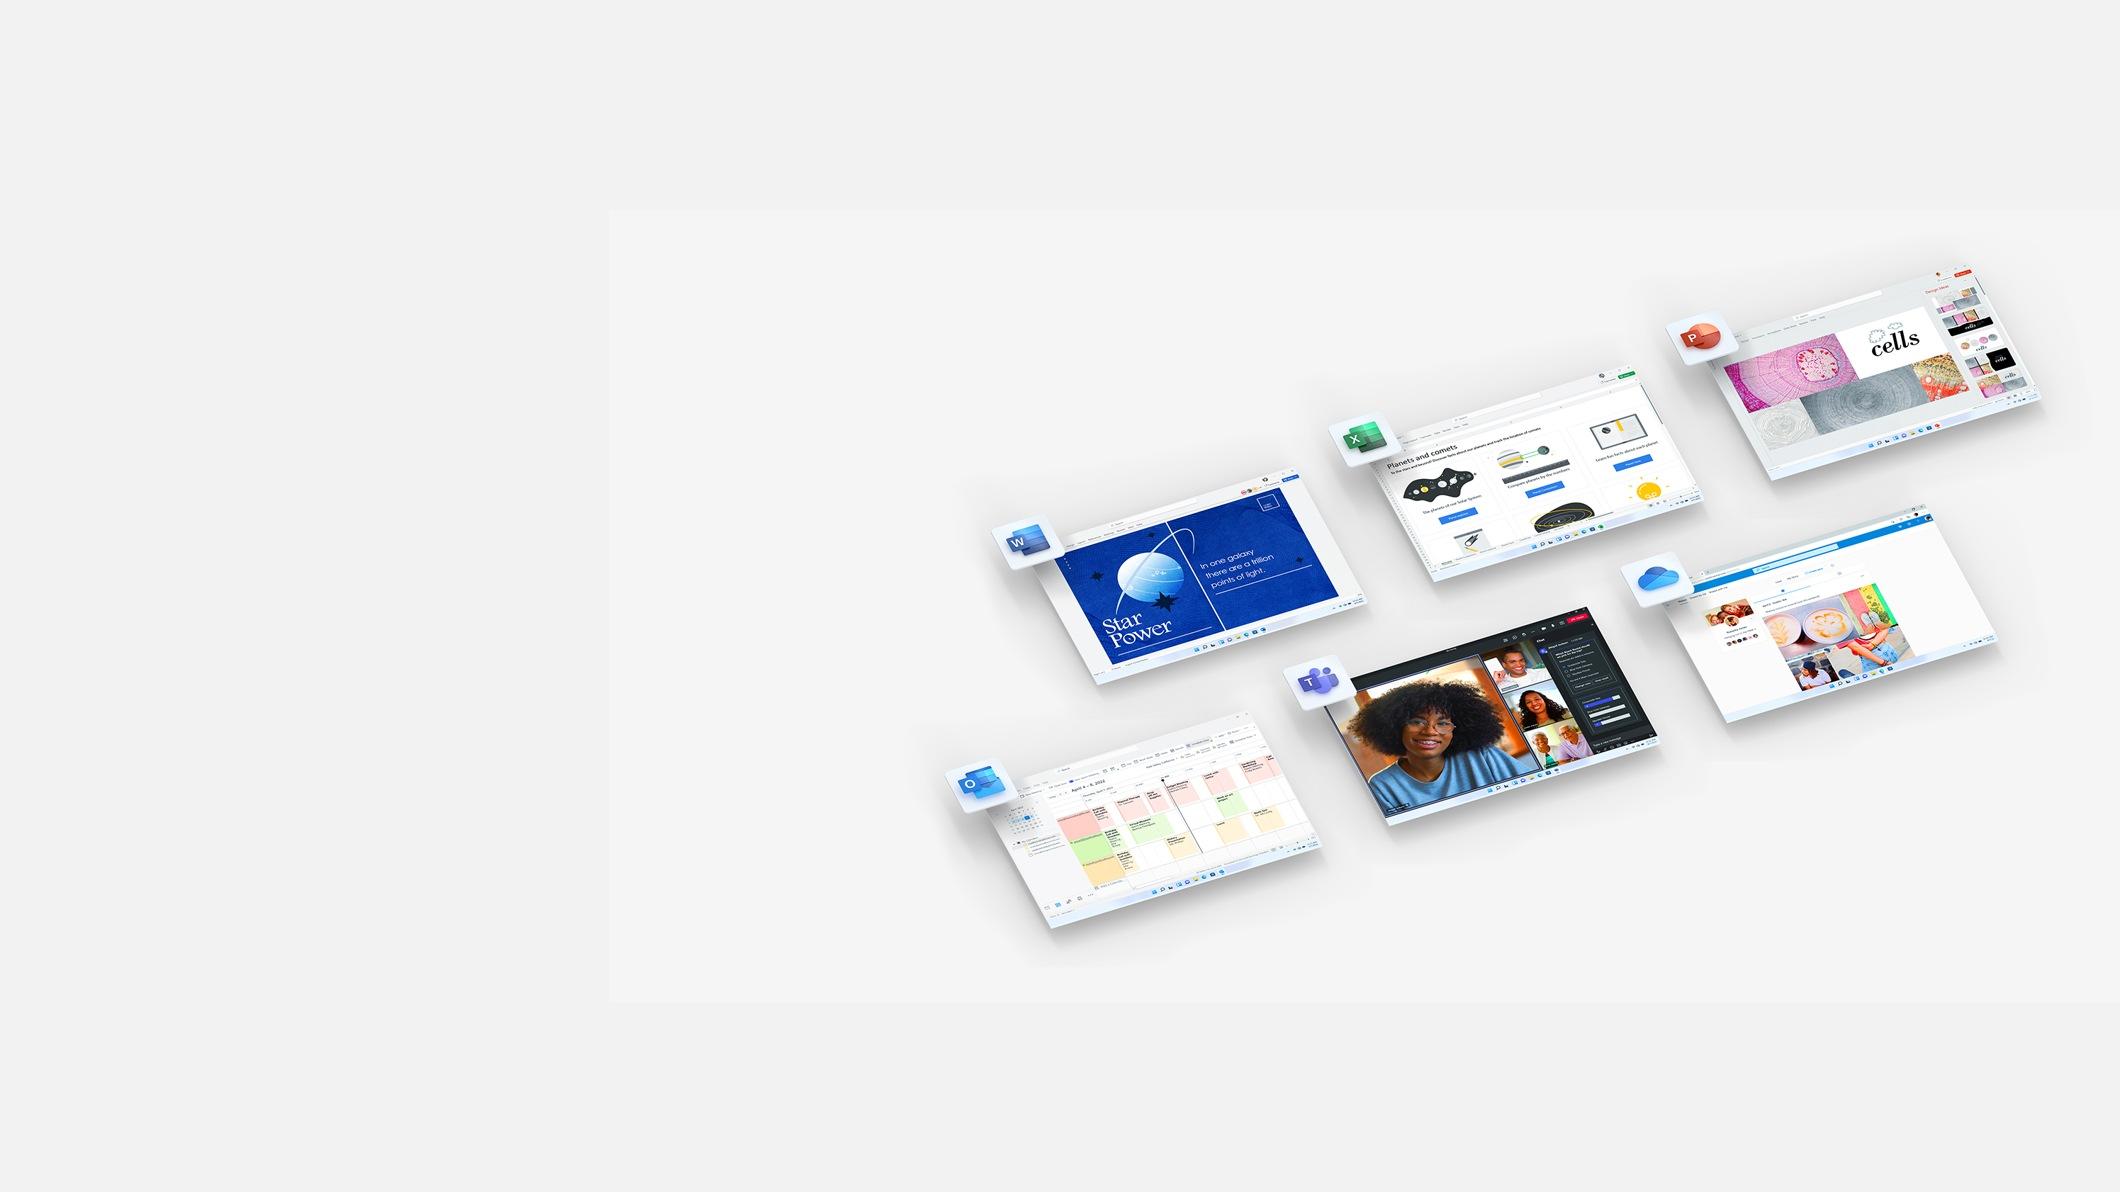 Снимки экрана Microsoft OneDrive, Excel, Word, PowerPoint и Outlook.